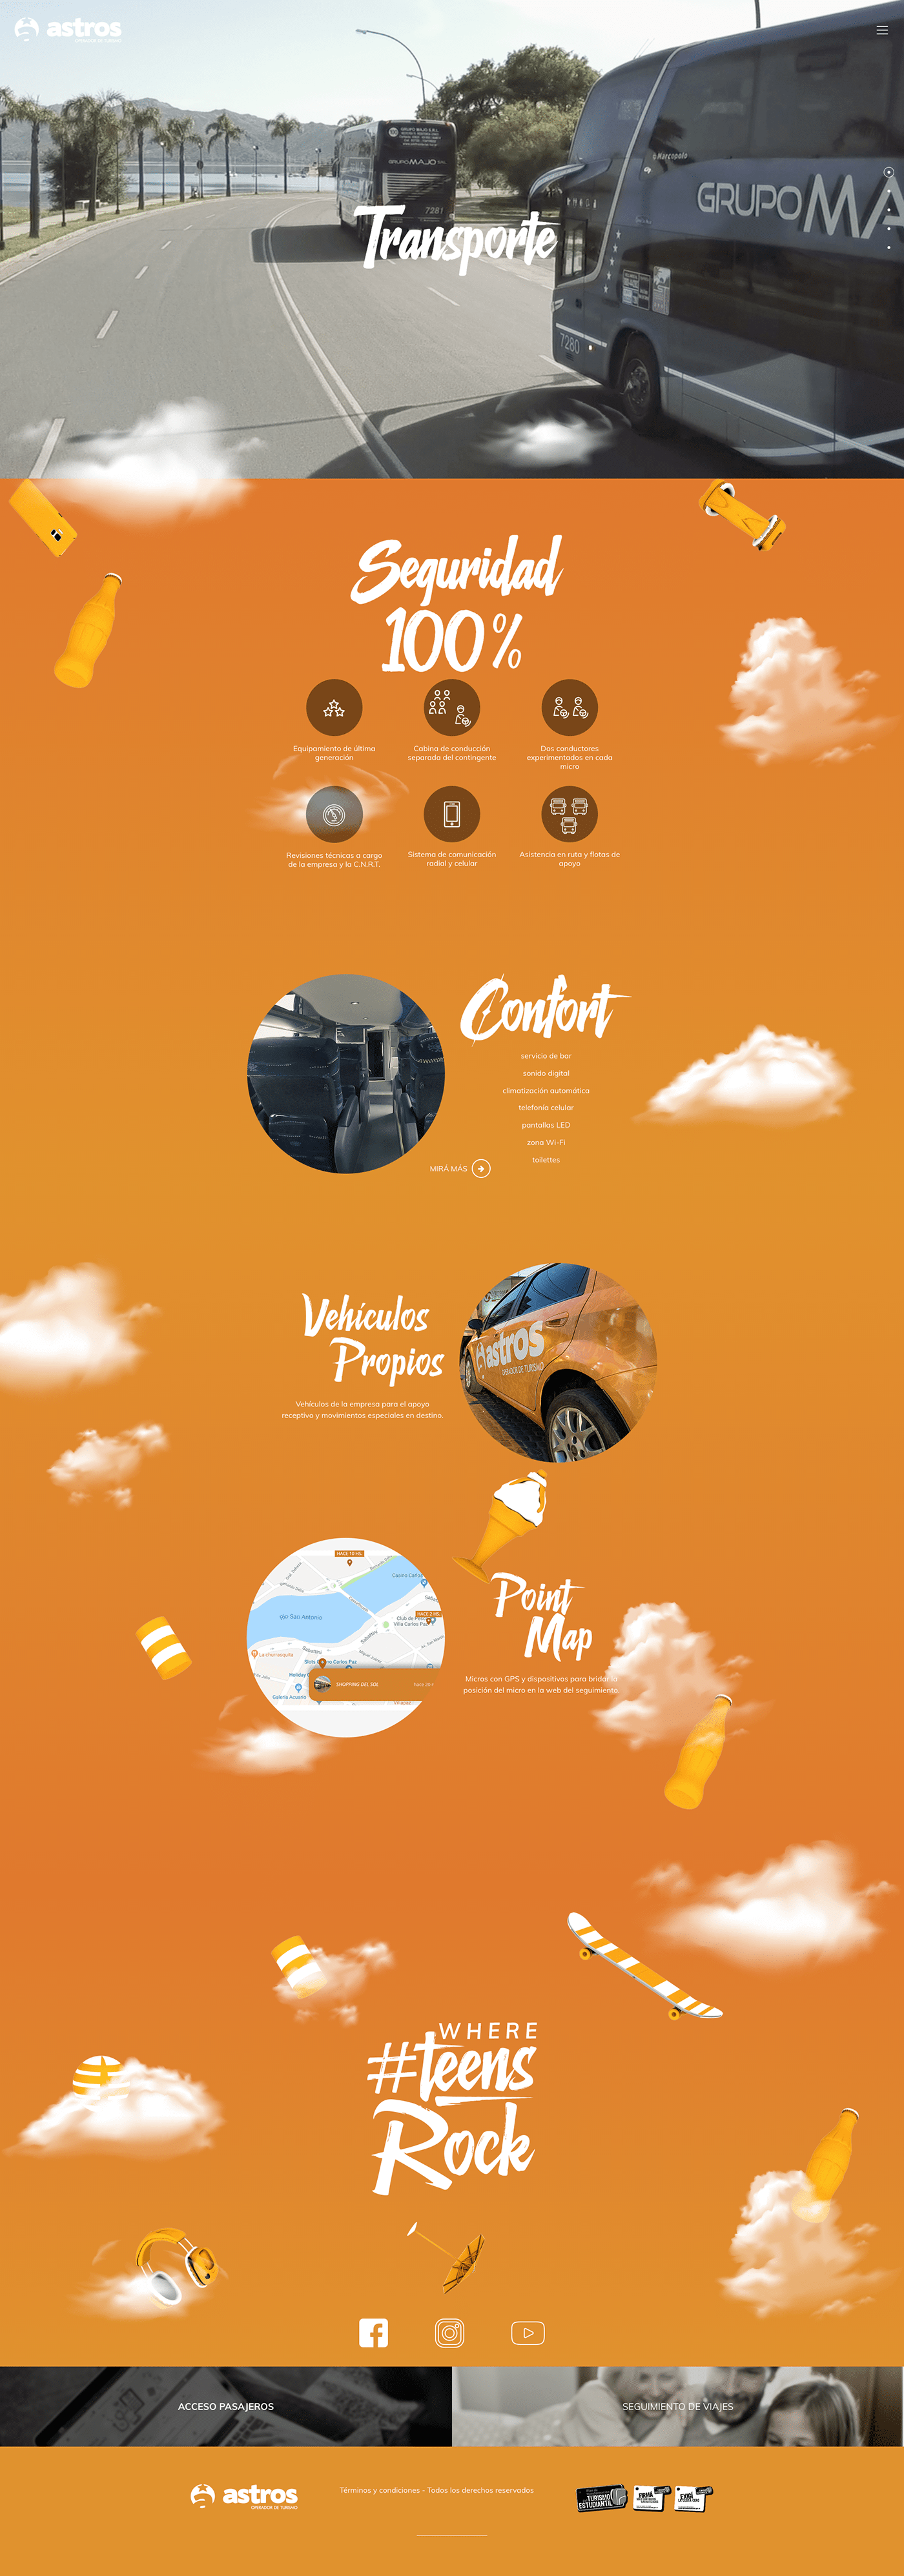 Image may contain: screenshot, vehicle and car